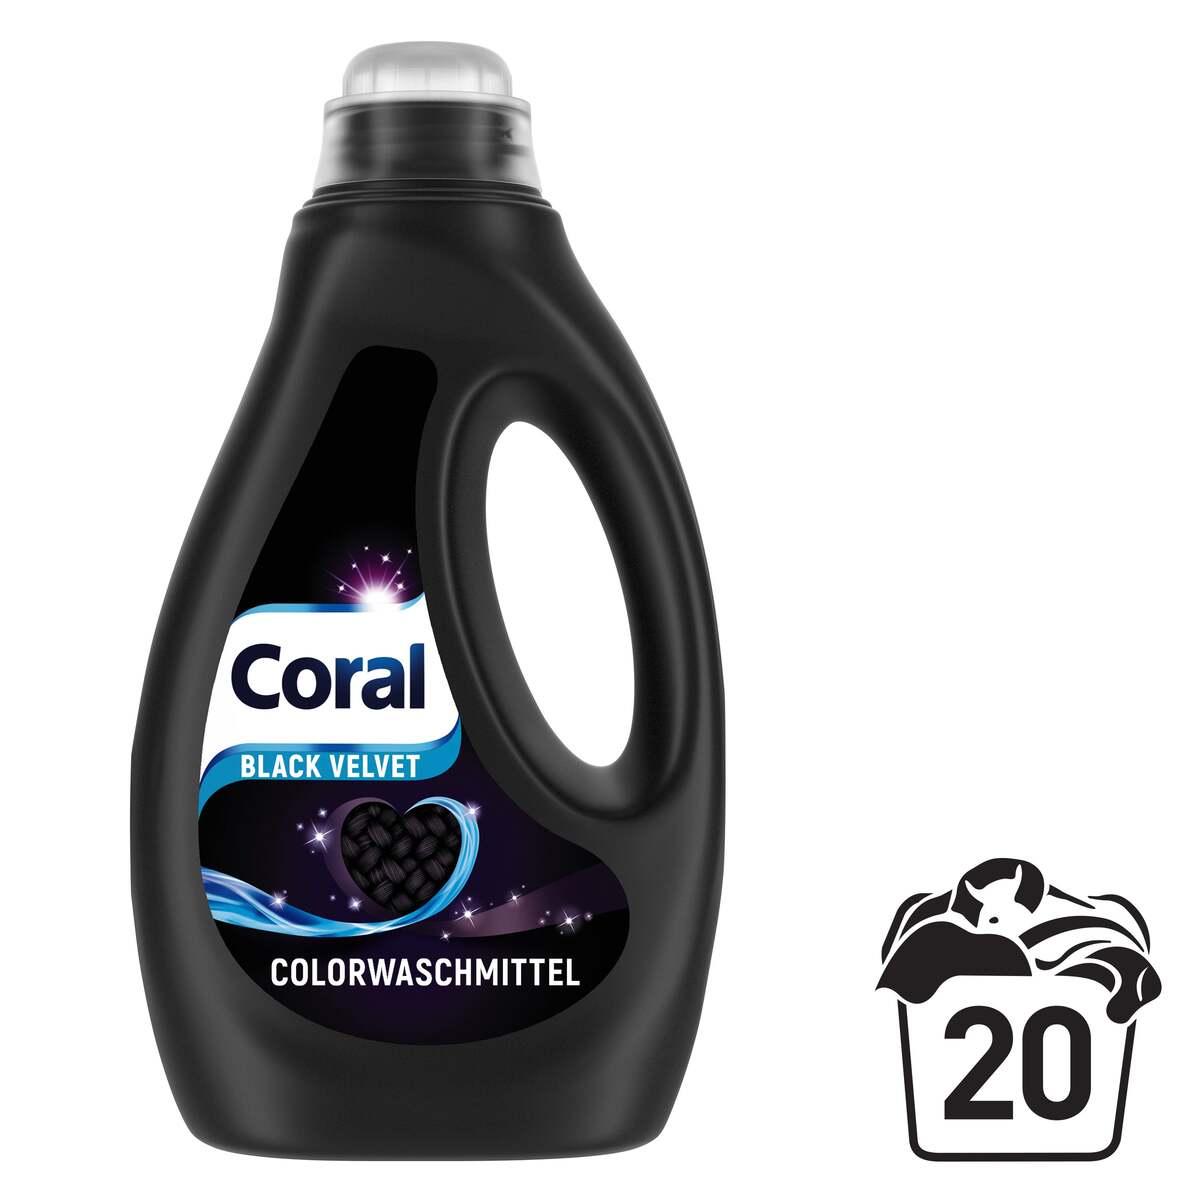 Bild 1 von Coral Black Velvet Flüssigwaschmittel 20 WL